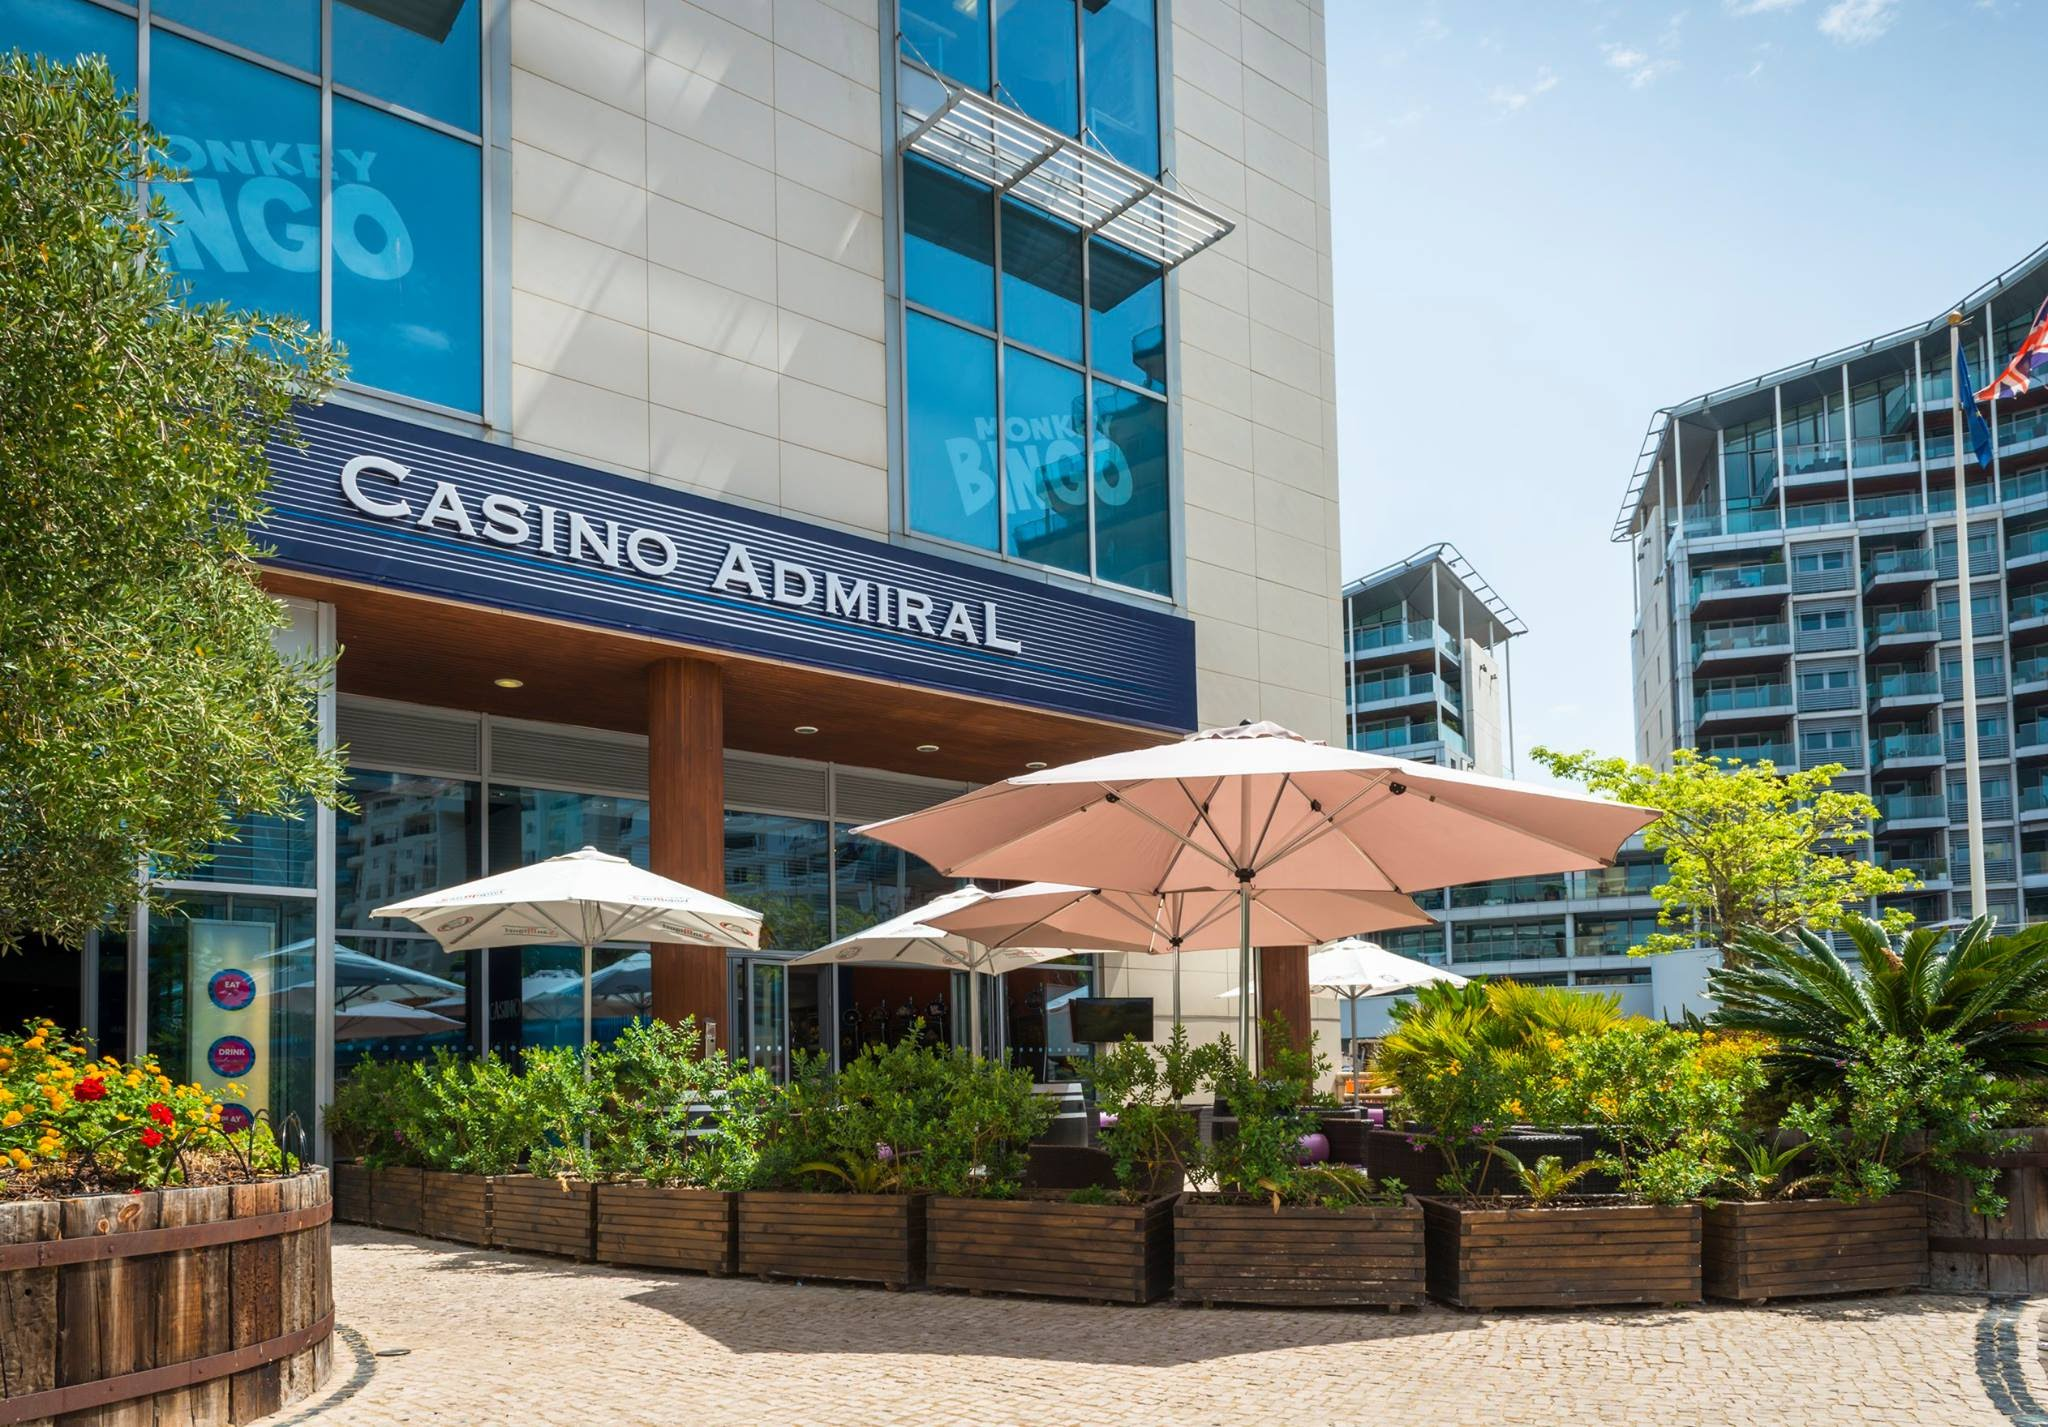 Gala casino gibraltar foxwoods resort casino.com